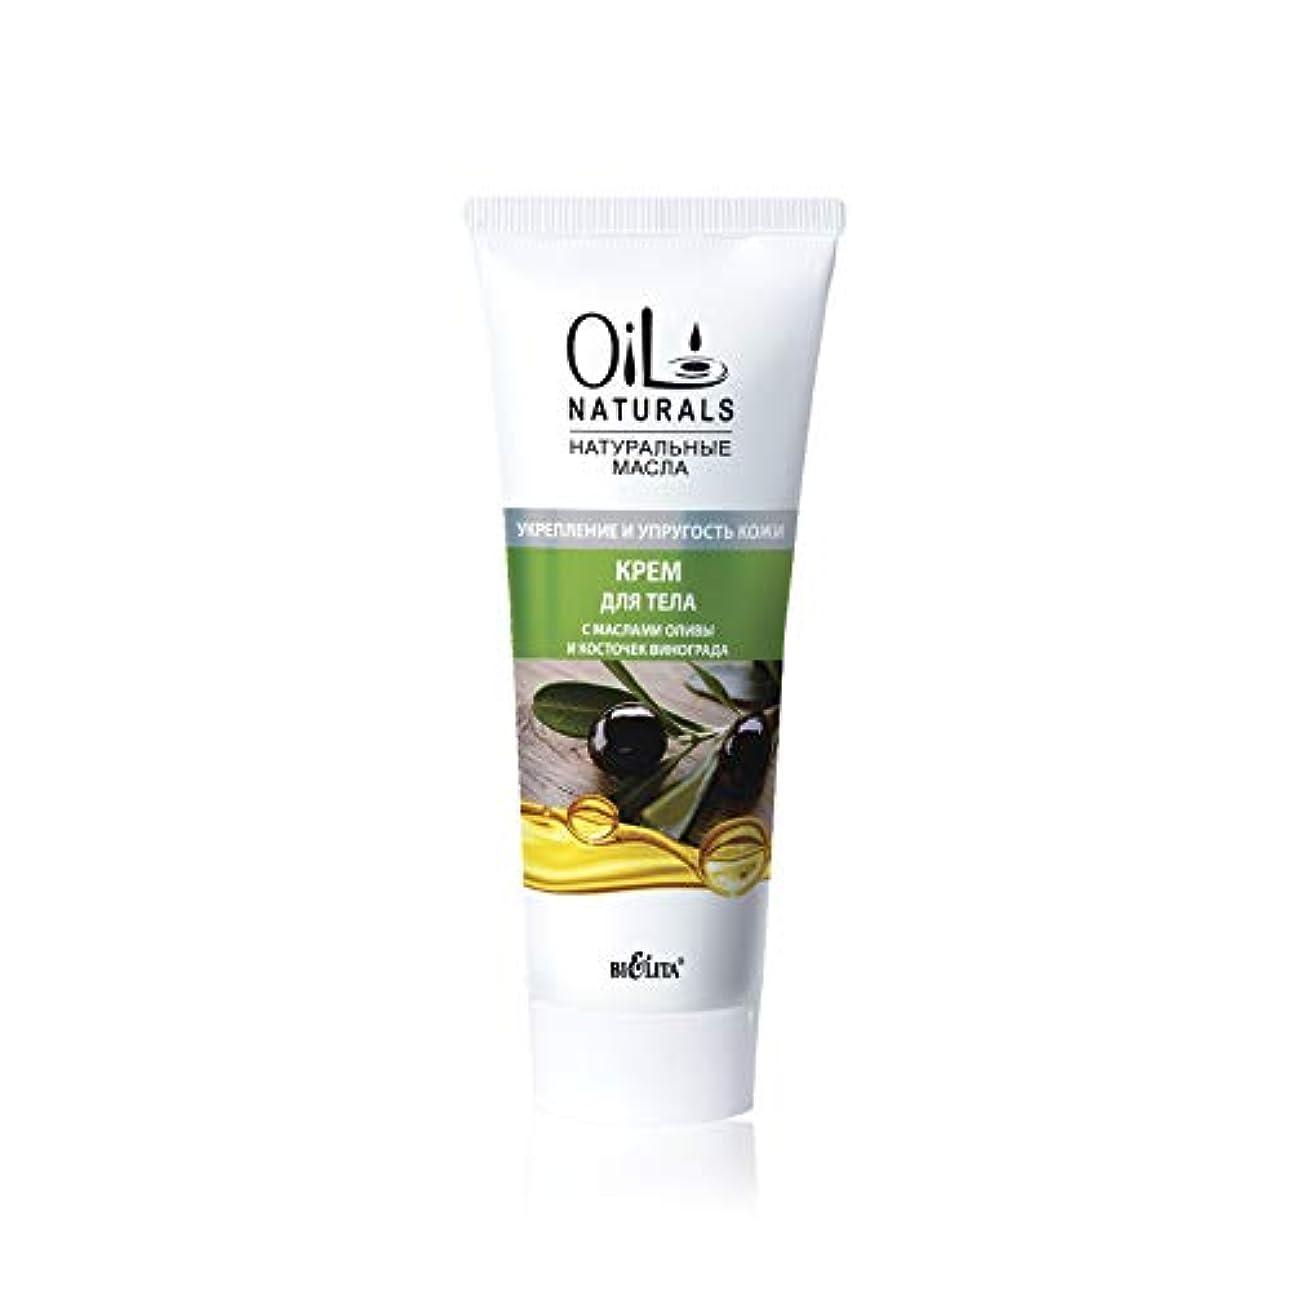 驚くばかり燃やす特徴Bielita & Vitex   Oil Naturals Line   Skin Firming & Moisturizing Body Cream, 200 ml   Olive Oil, Silk Proteins...